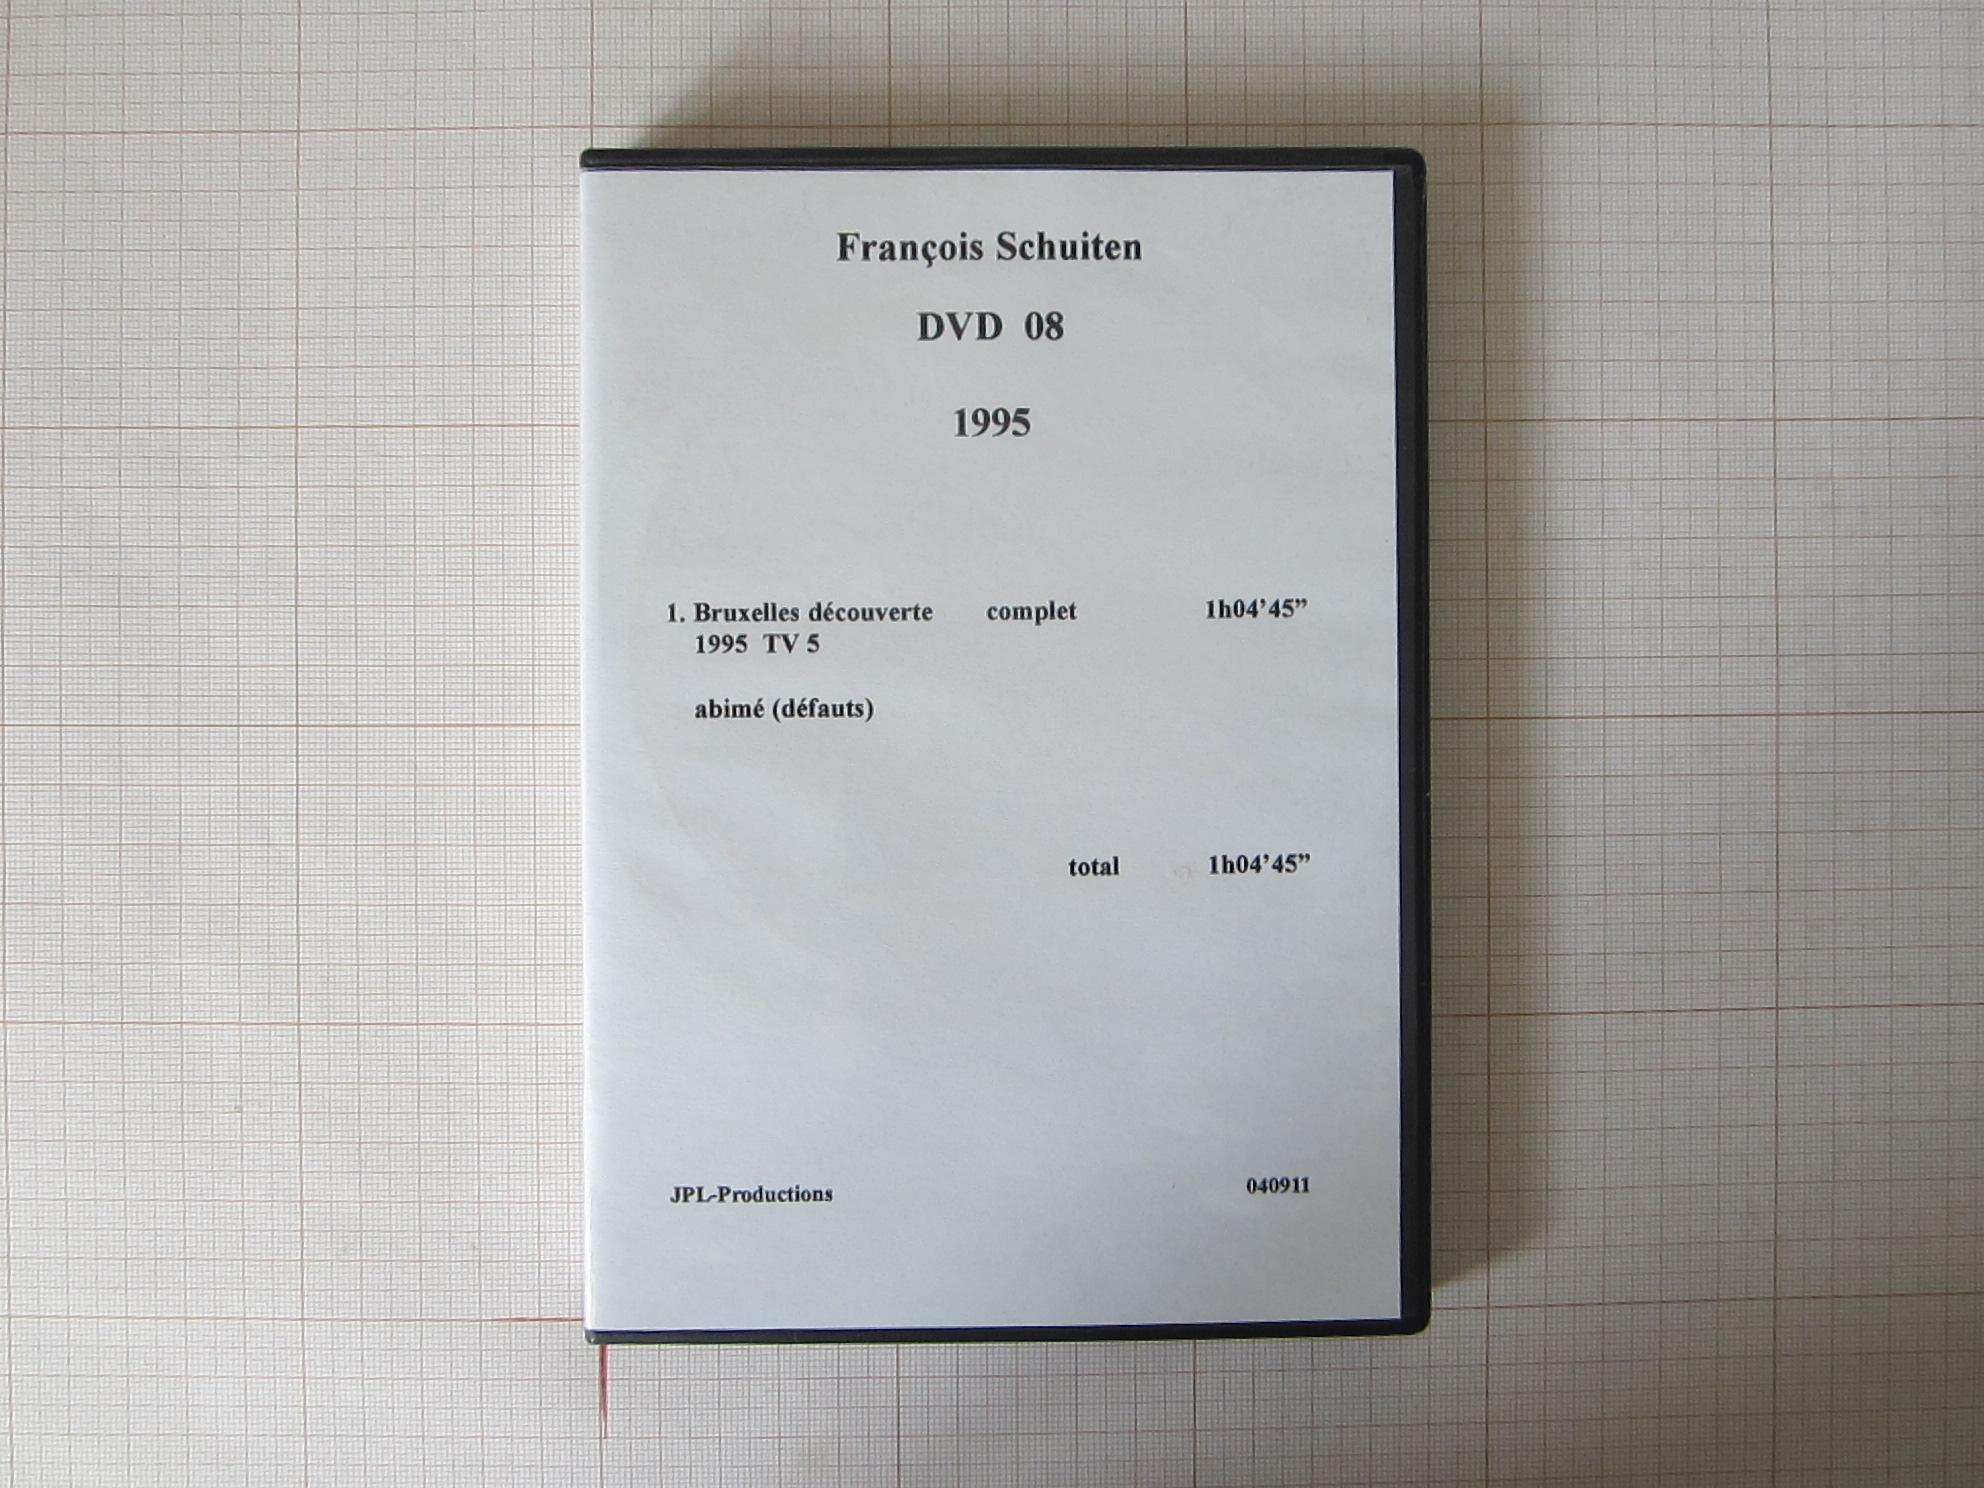 François Schuiten DVD 08+09 1995 - JPL-Productions© Maison Autrique, 1995